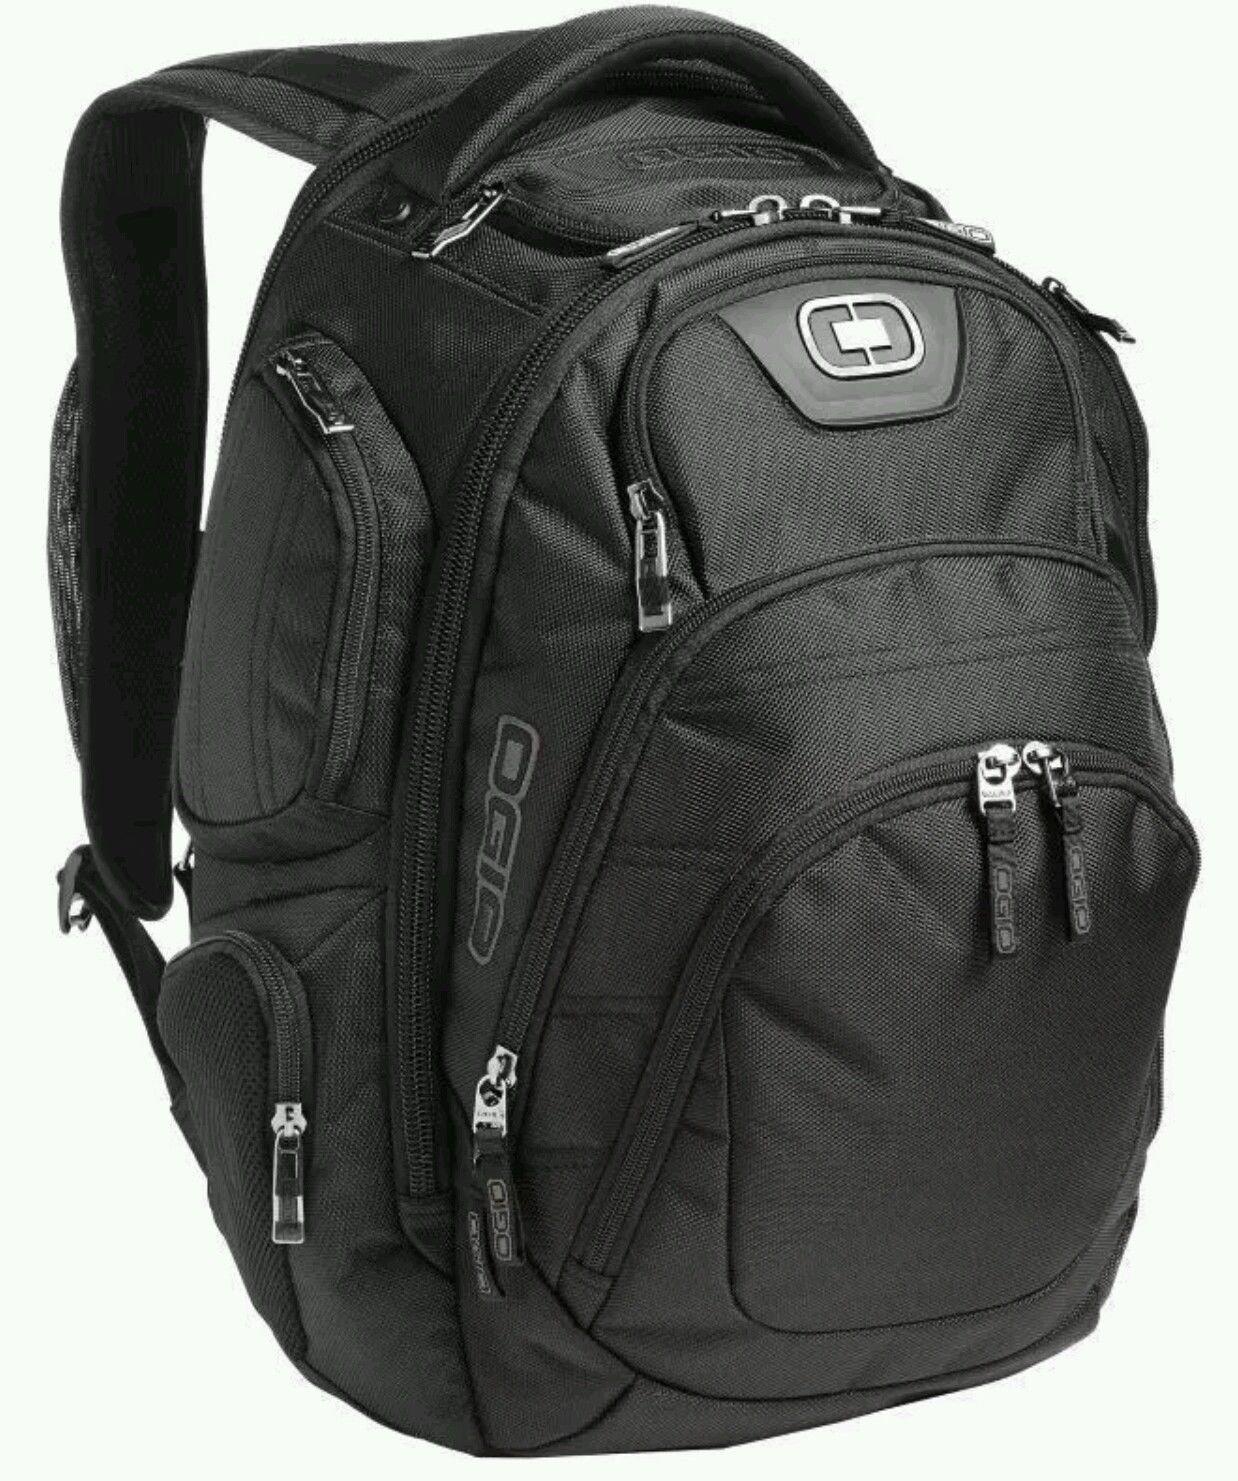 OGIO 411067 Stratagem, Computer Laptop/MacBook Pro Backpack, Black by OGIO